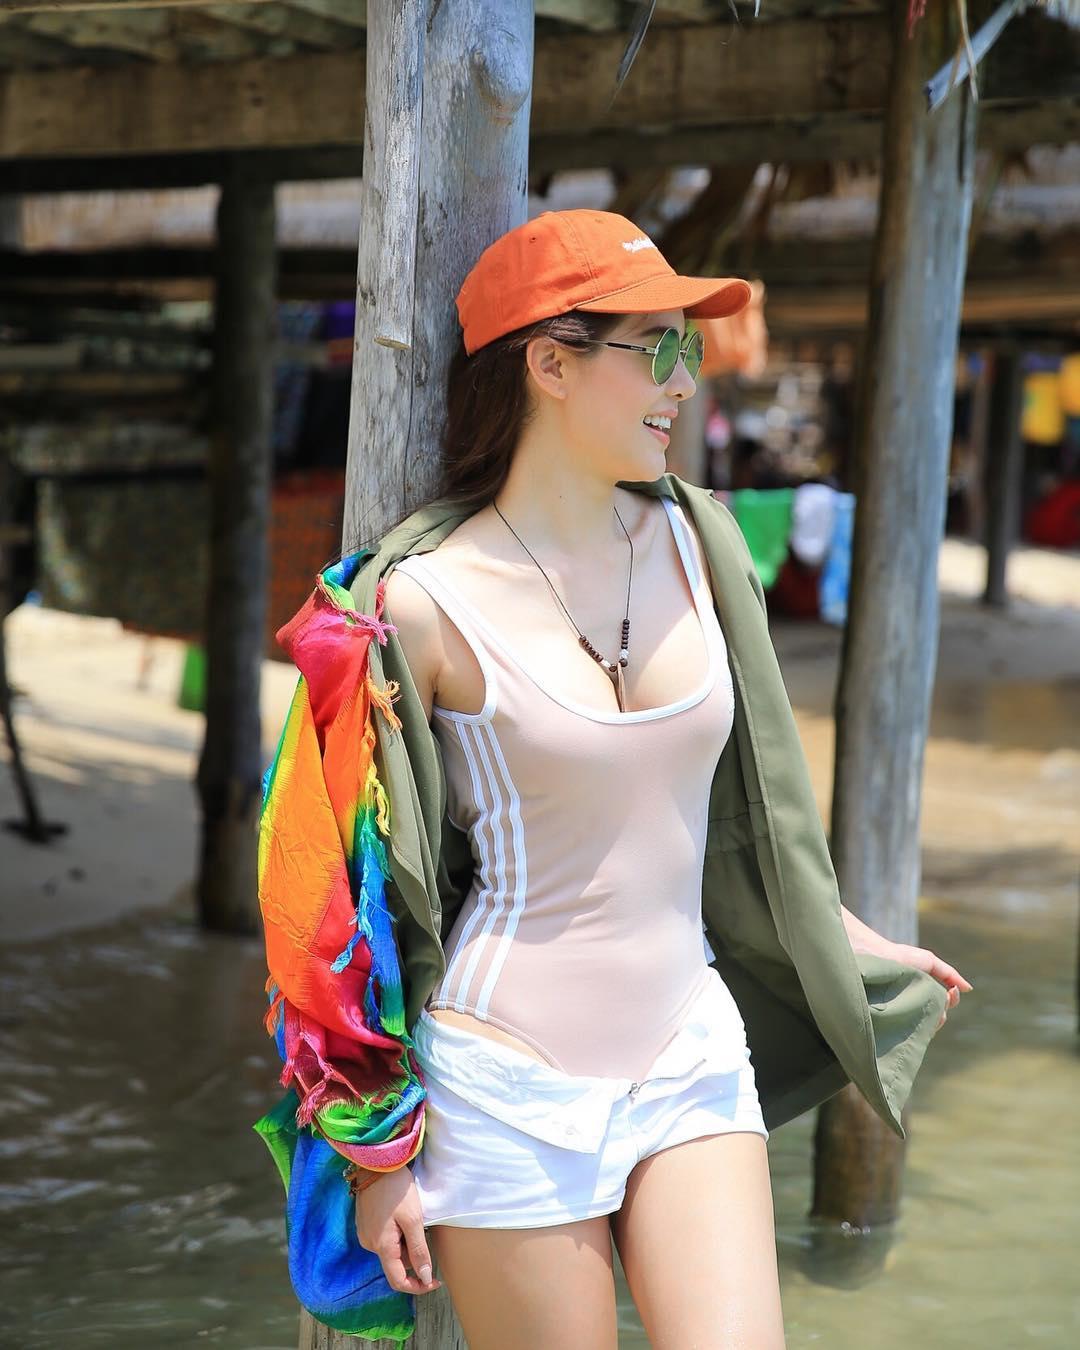 """เรียบแต่โก้ """"เกรซ กาญเกล้า"""" เที่ยววิถีไทยที่หมู่เกาะสุรินทร์ (รูป 13/13)"""